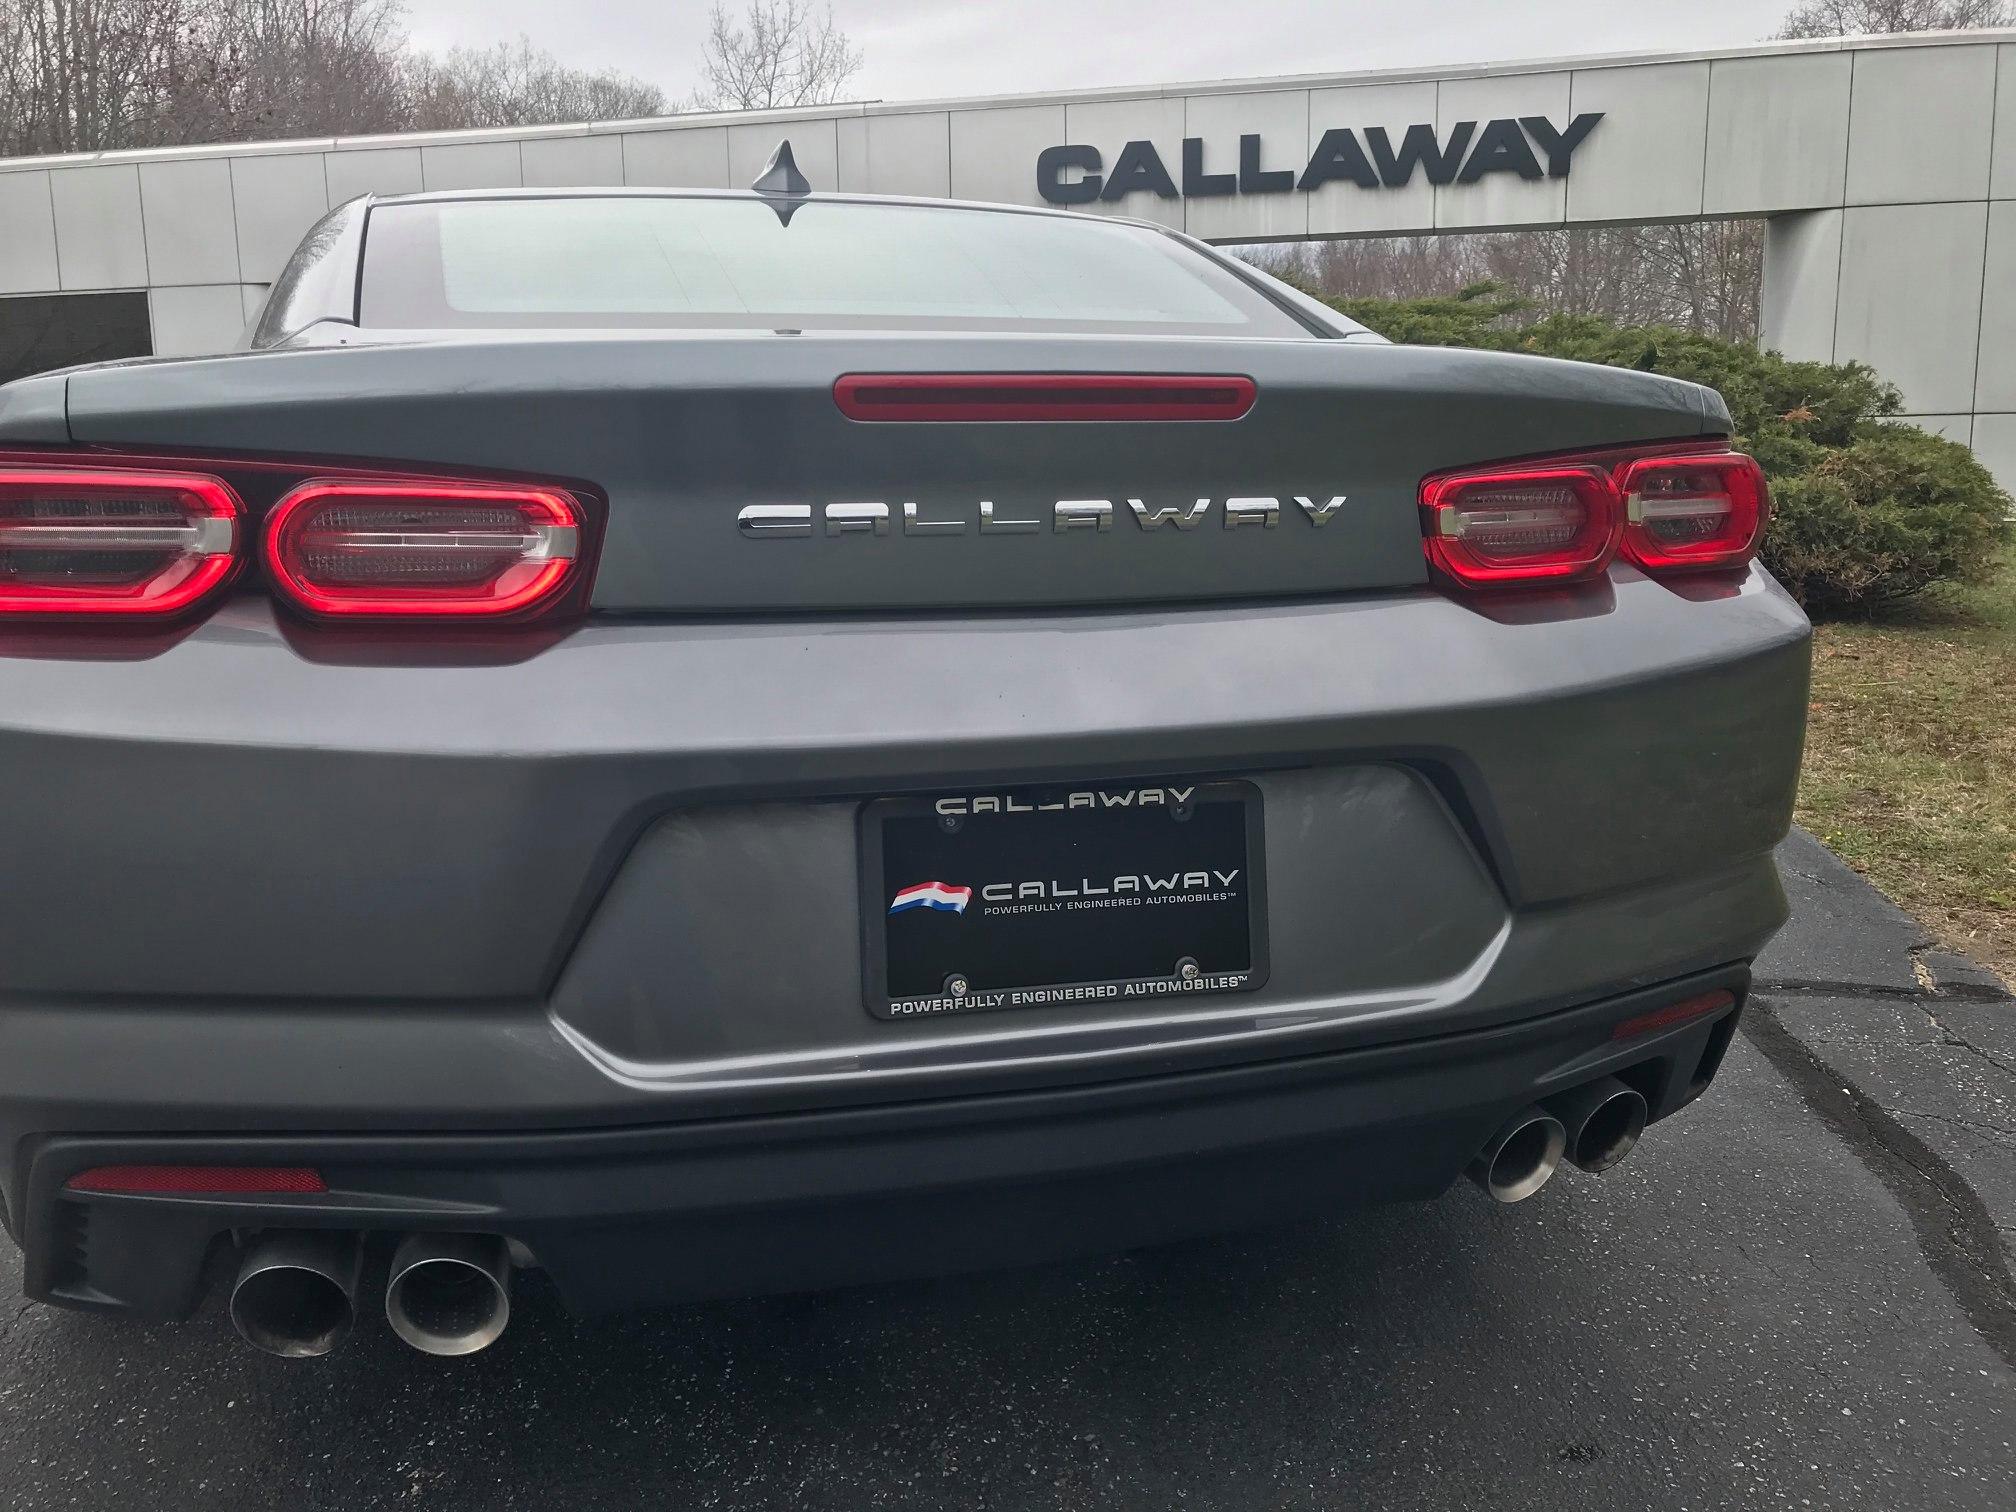 Callaway-Chevrolet-Camaro-SC630-12